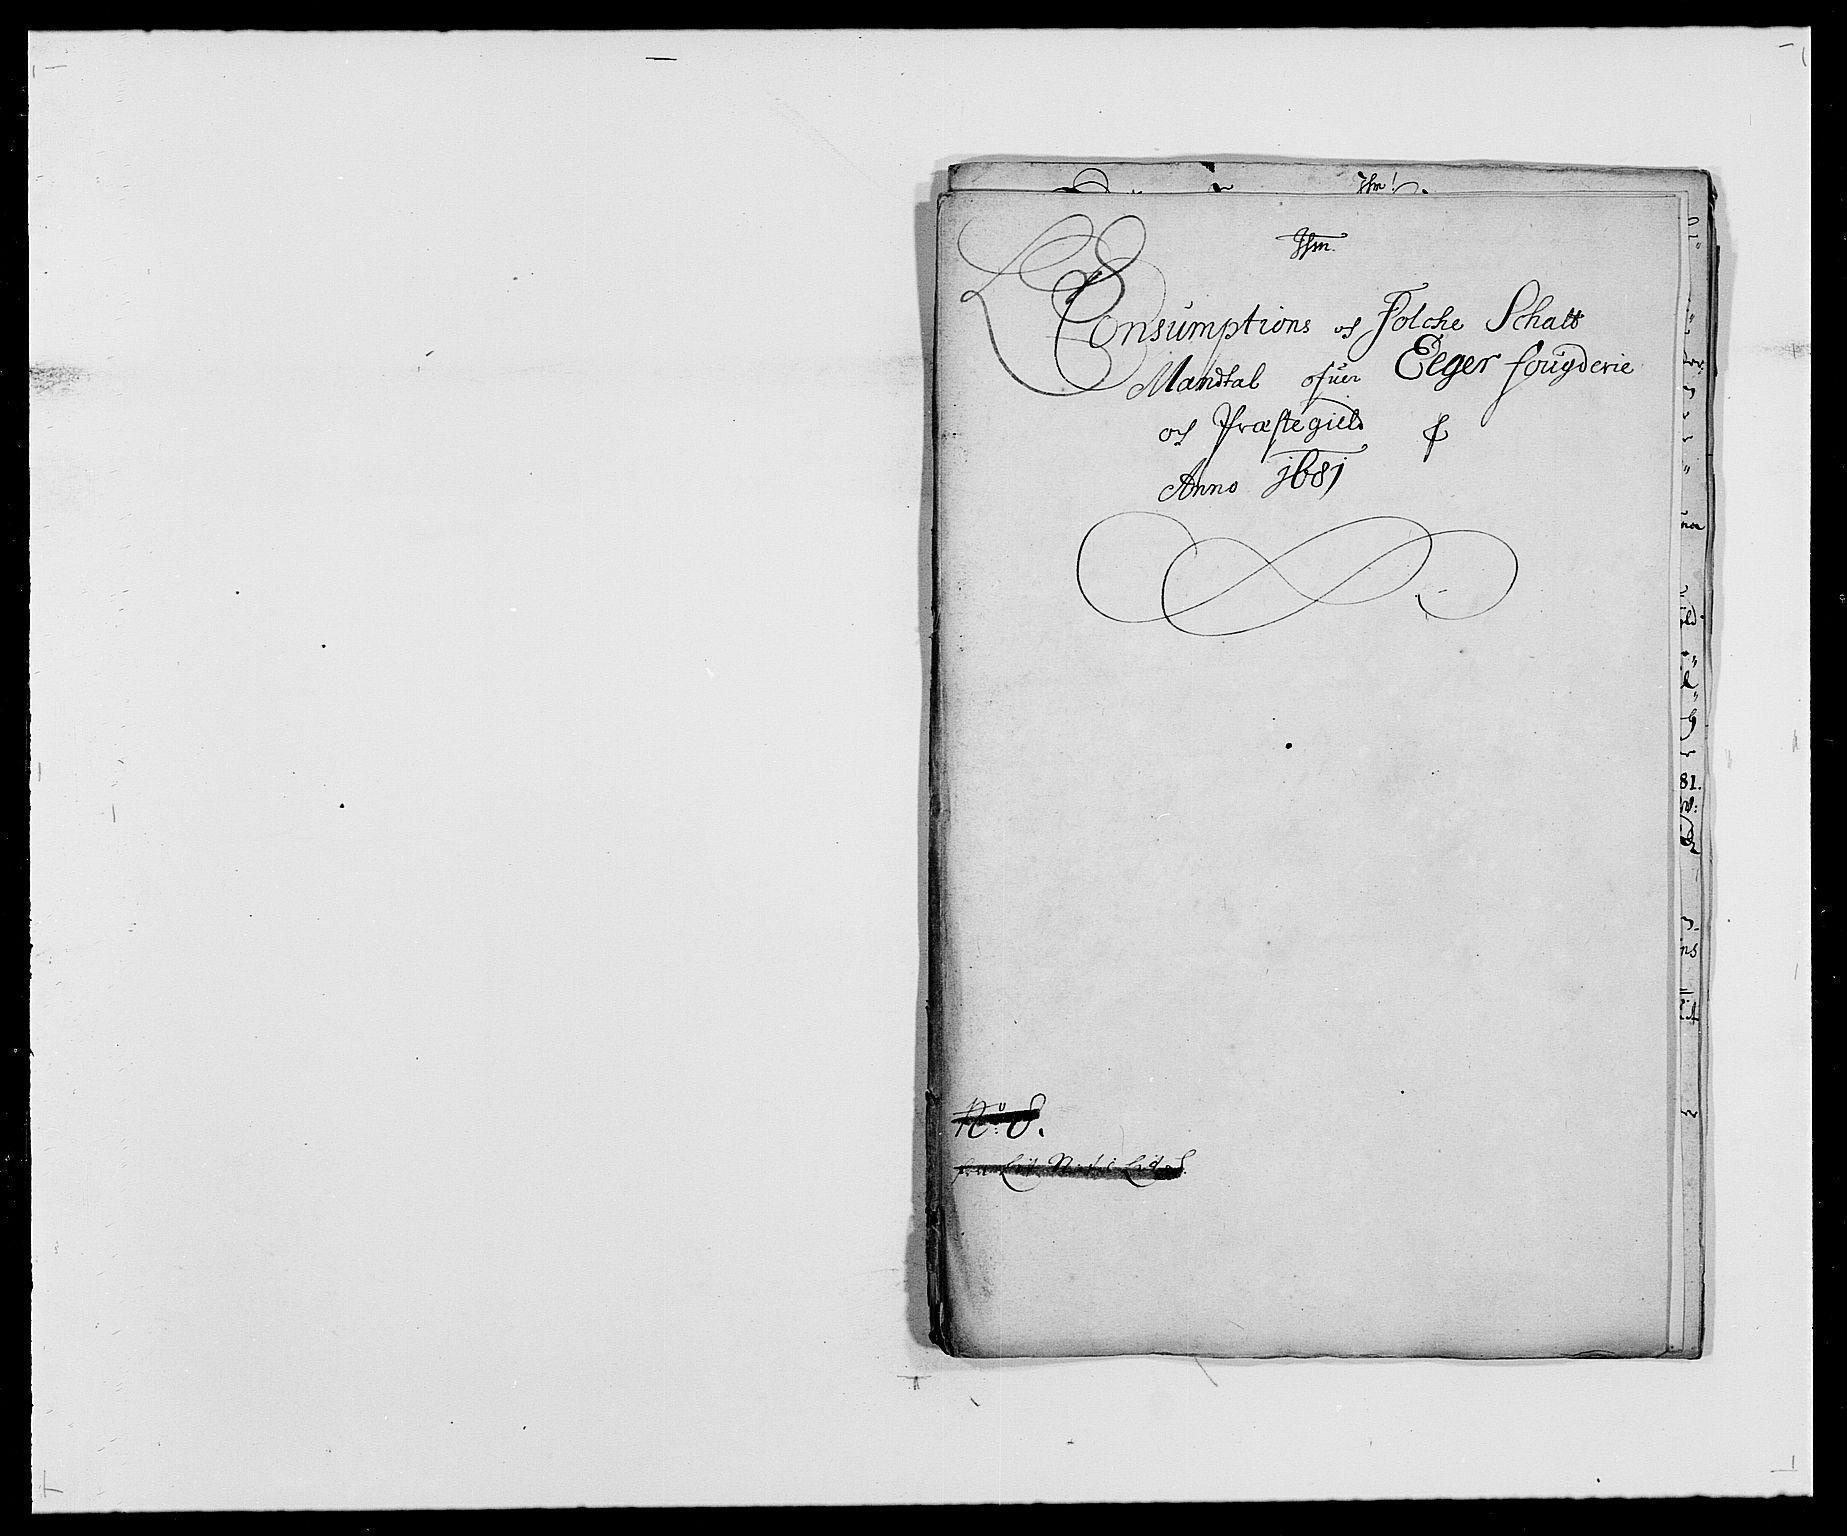 RA, Rentekammeret inntil 1814, Reviderte regnskaper, Fogderegnskap, R26/L1684: Fogderegnskap Eiker, 1679-1686, s. 245